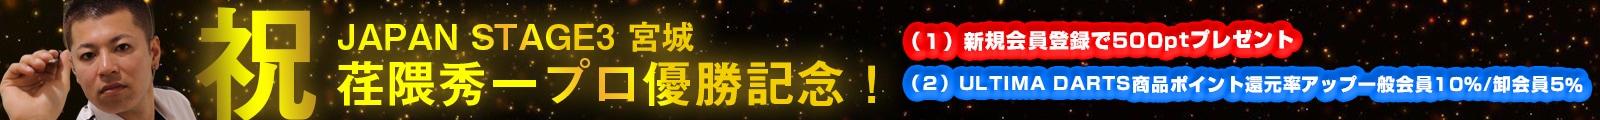 荏隈秀一選手の優勝記念